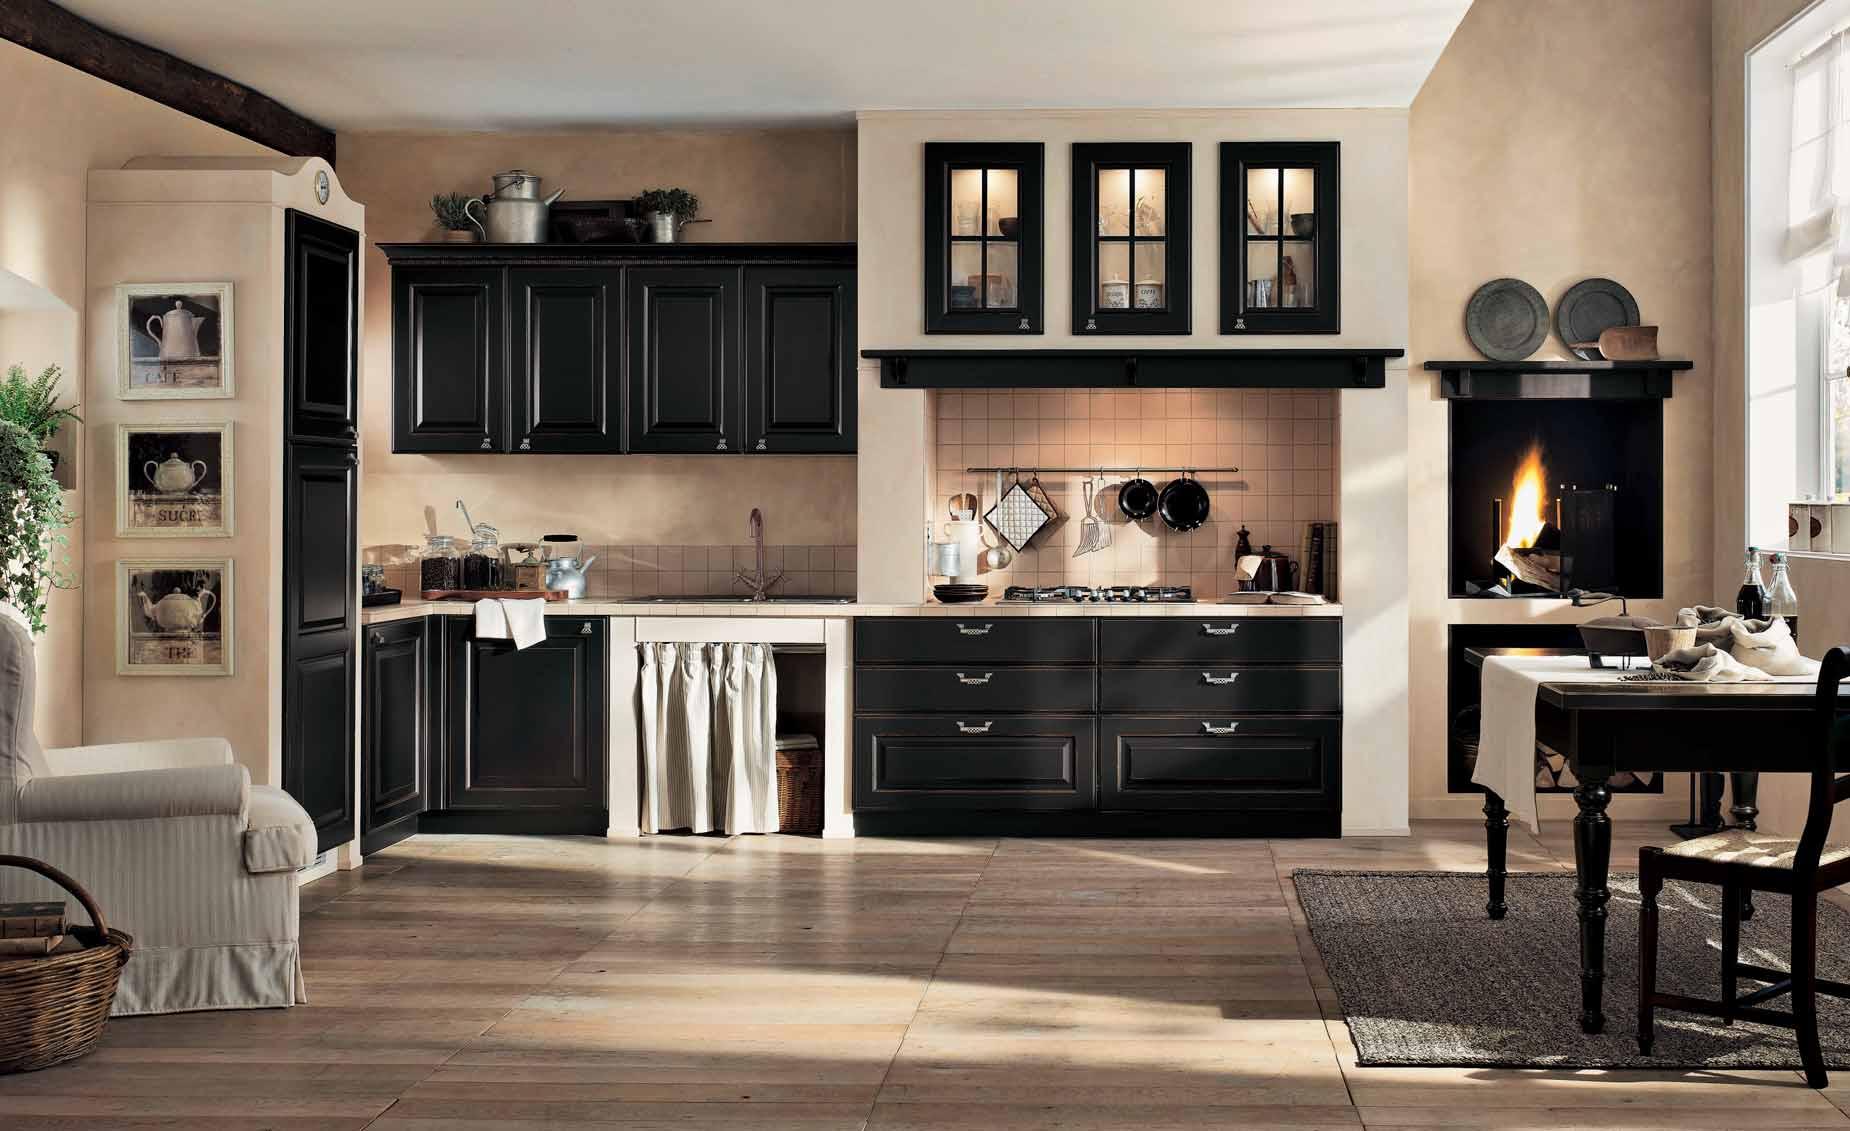 intérieur-cuisine-classique-noir-et-crème-gaia